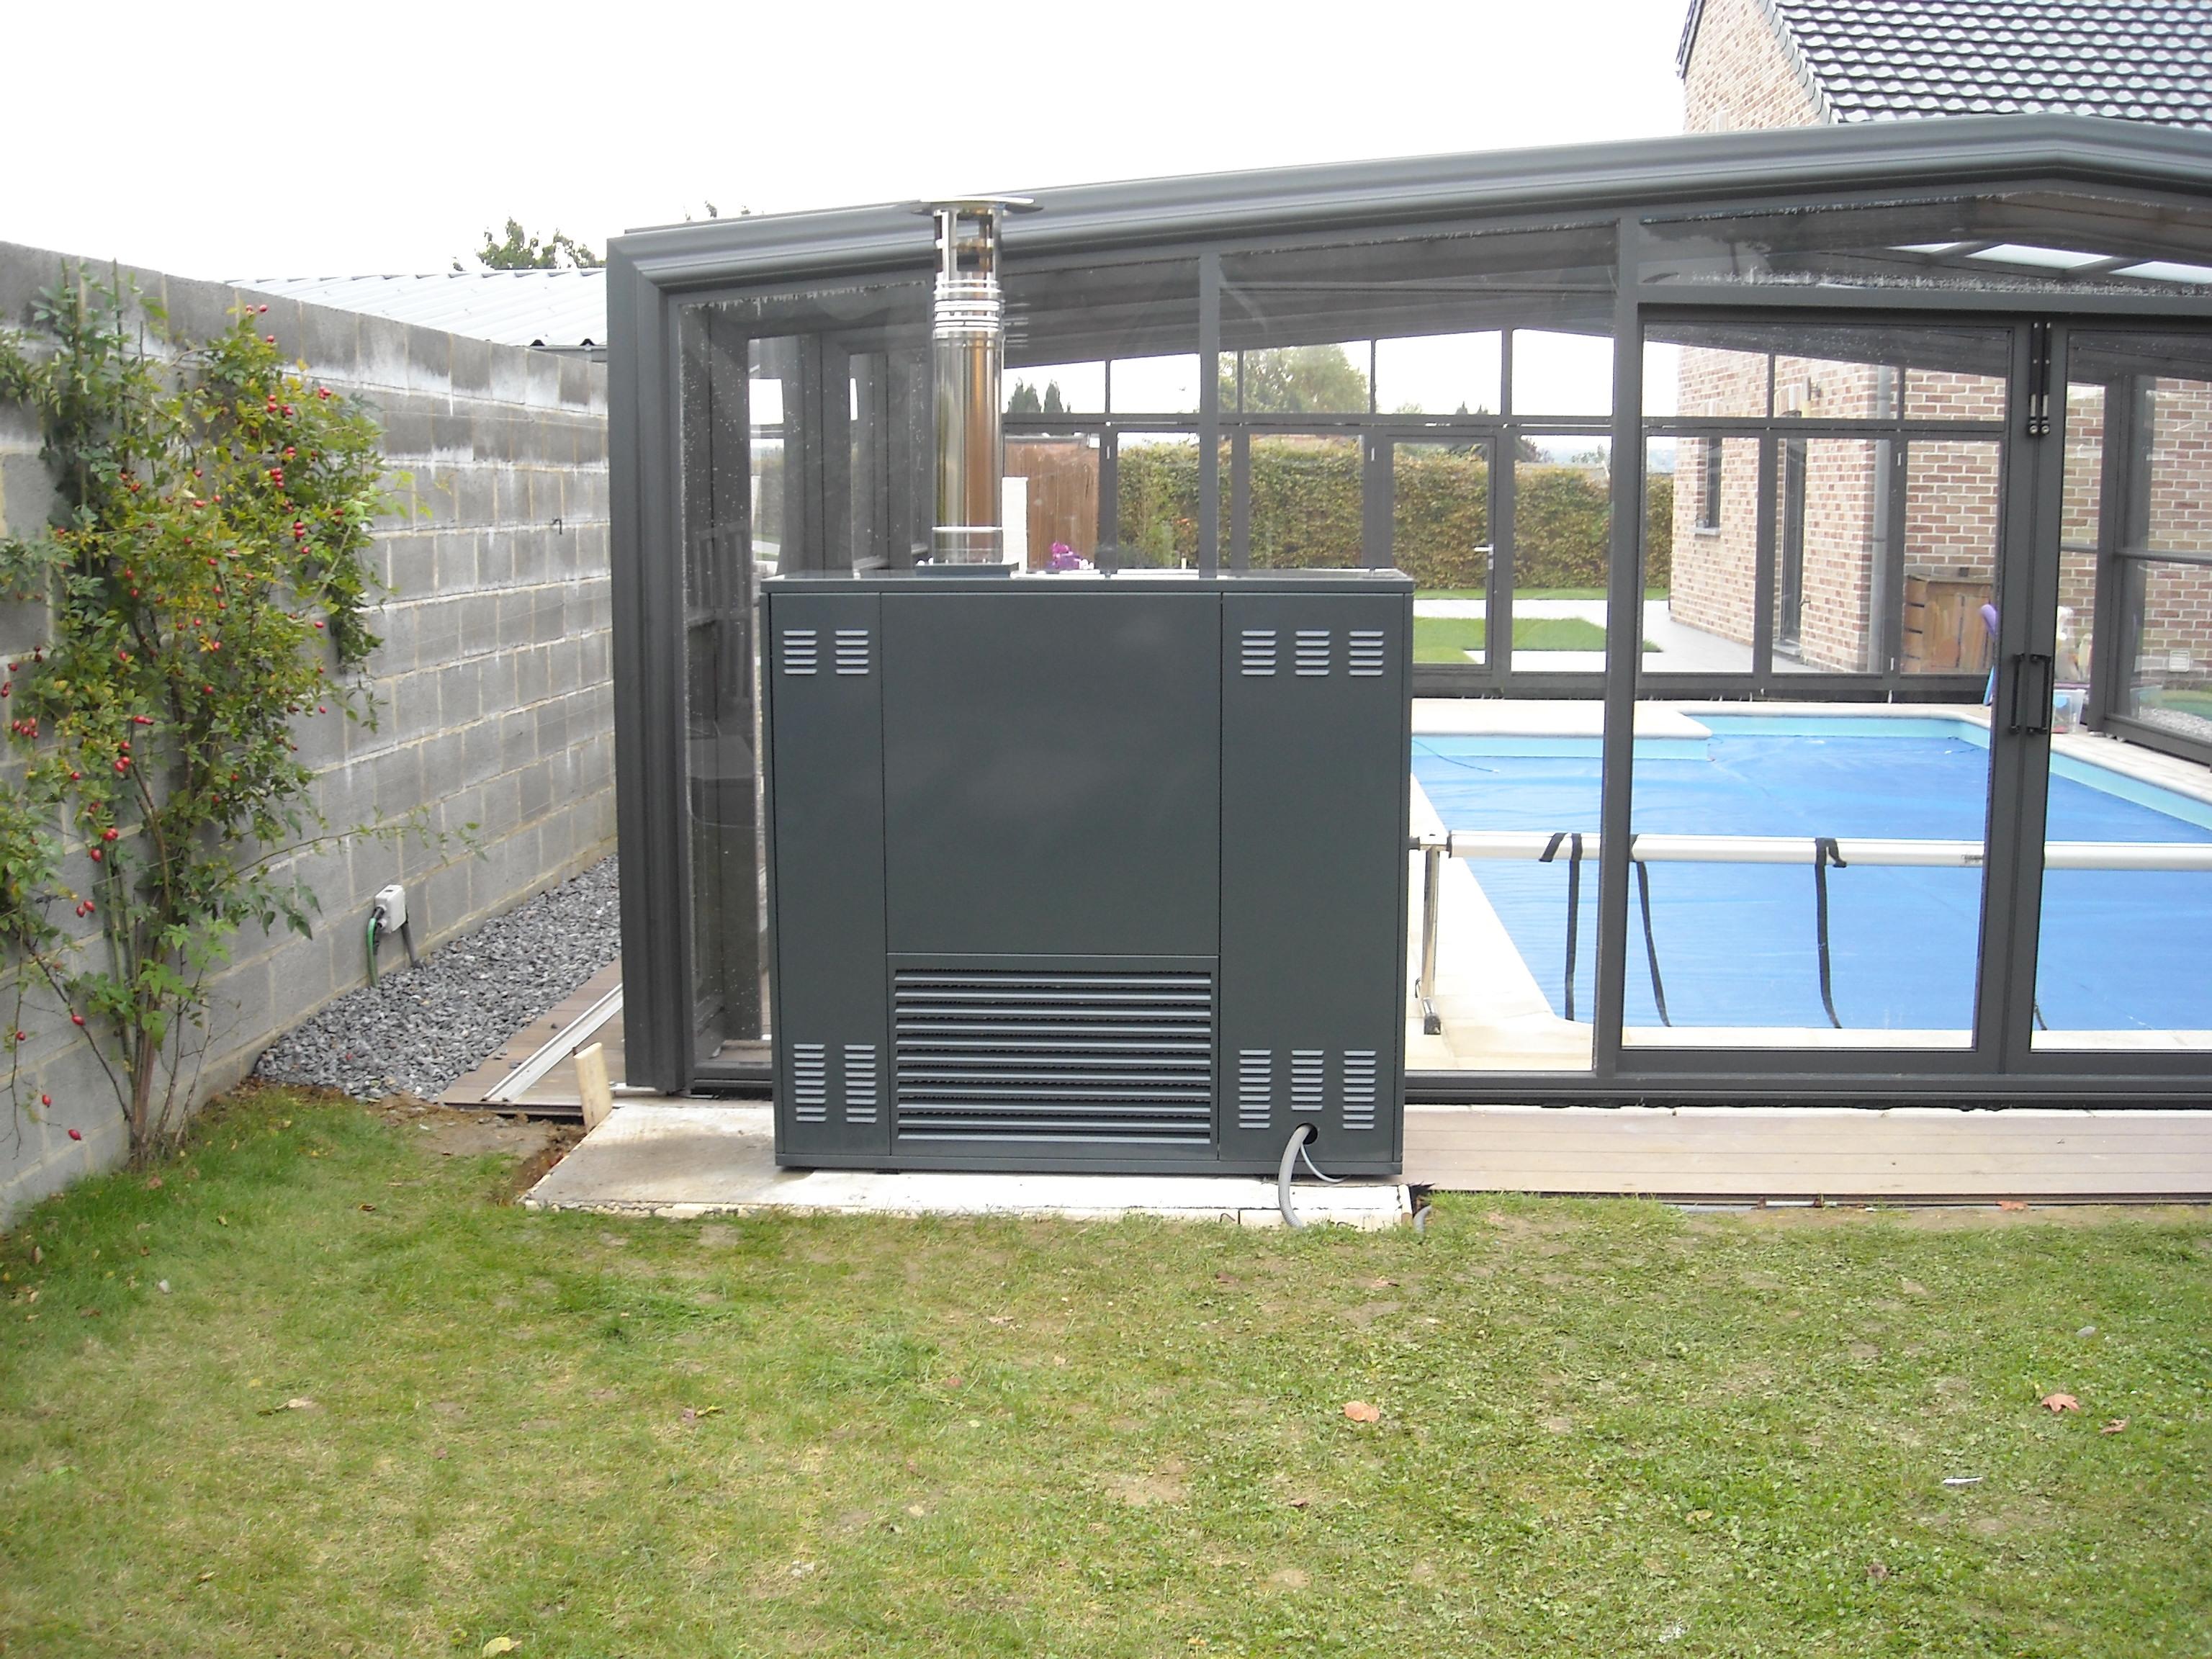 Climabris chauffage pour abris de piscine abris chauff for Chauffage abri piscine